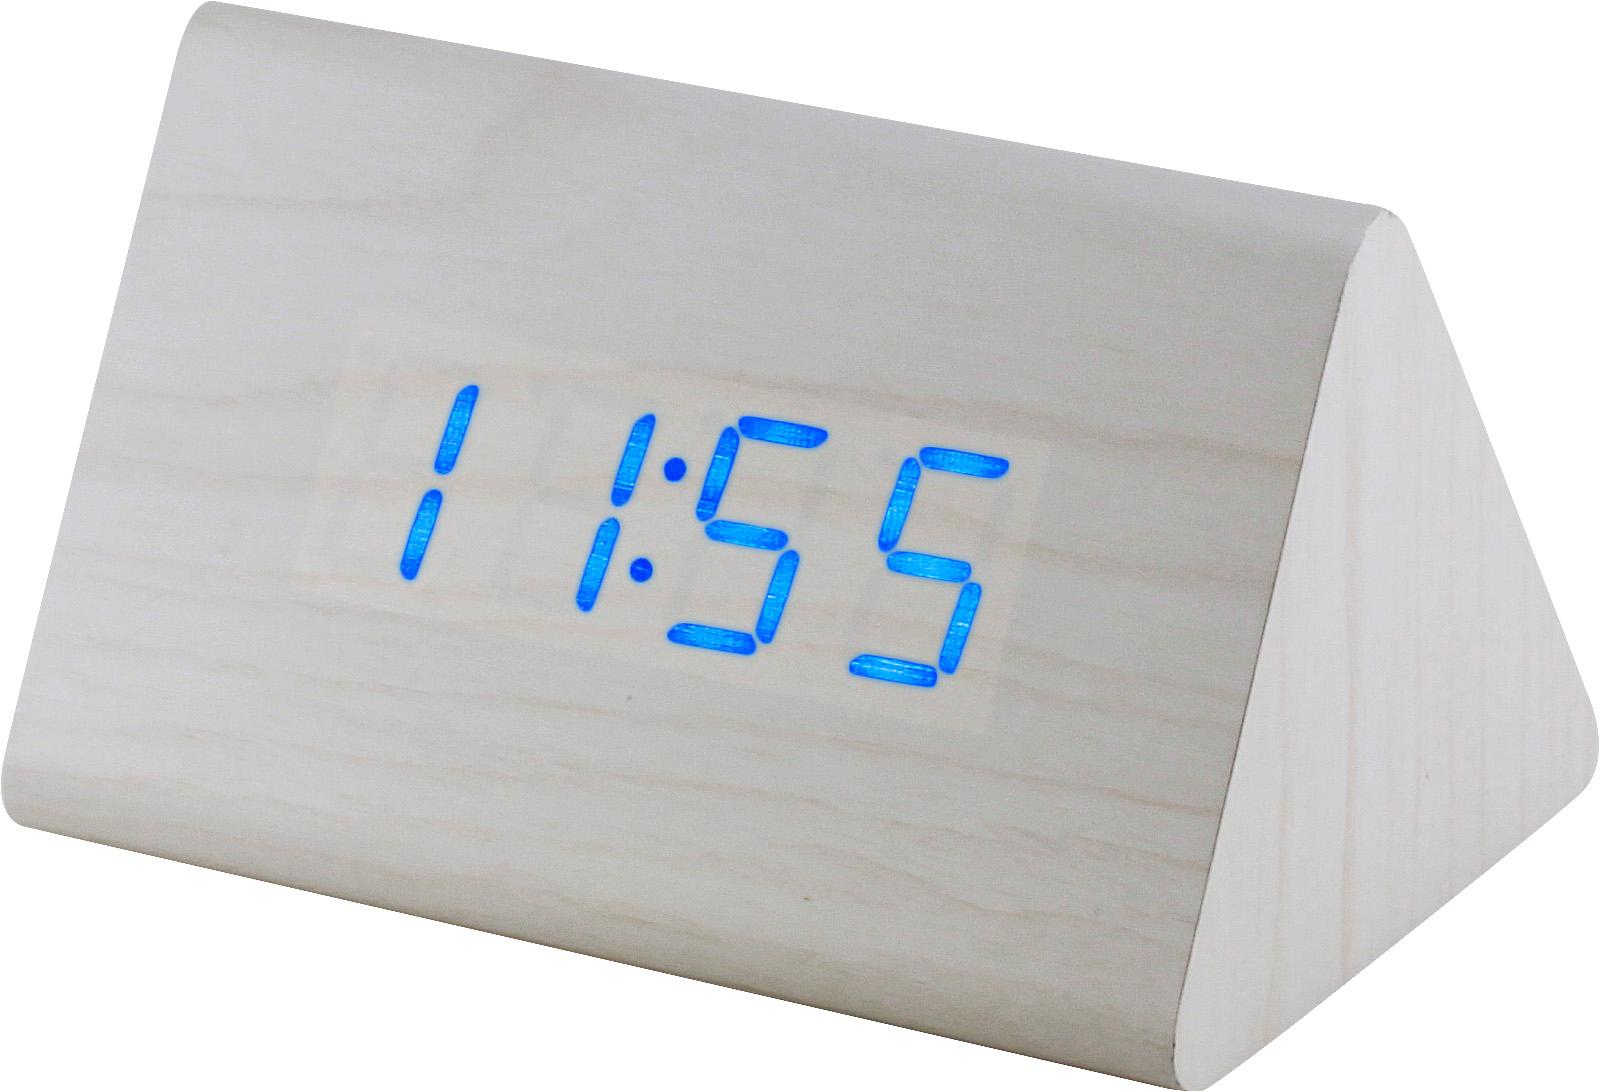 Digitální LED budík s datem a teploměrem MPM C02.3569 BLUE LED.00 - bílá